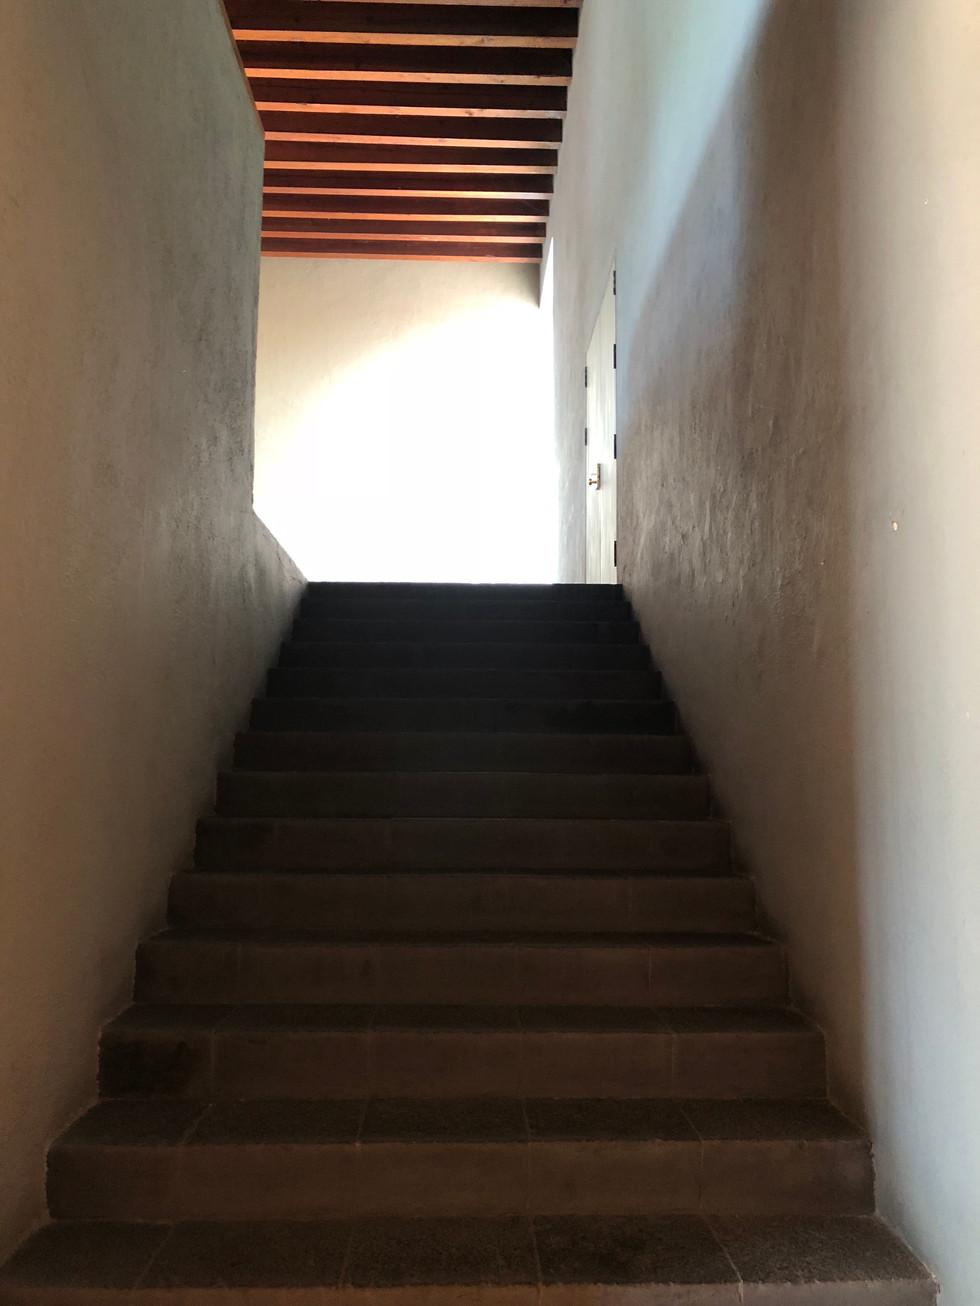 Escalier Casa Pedregal - Mexico